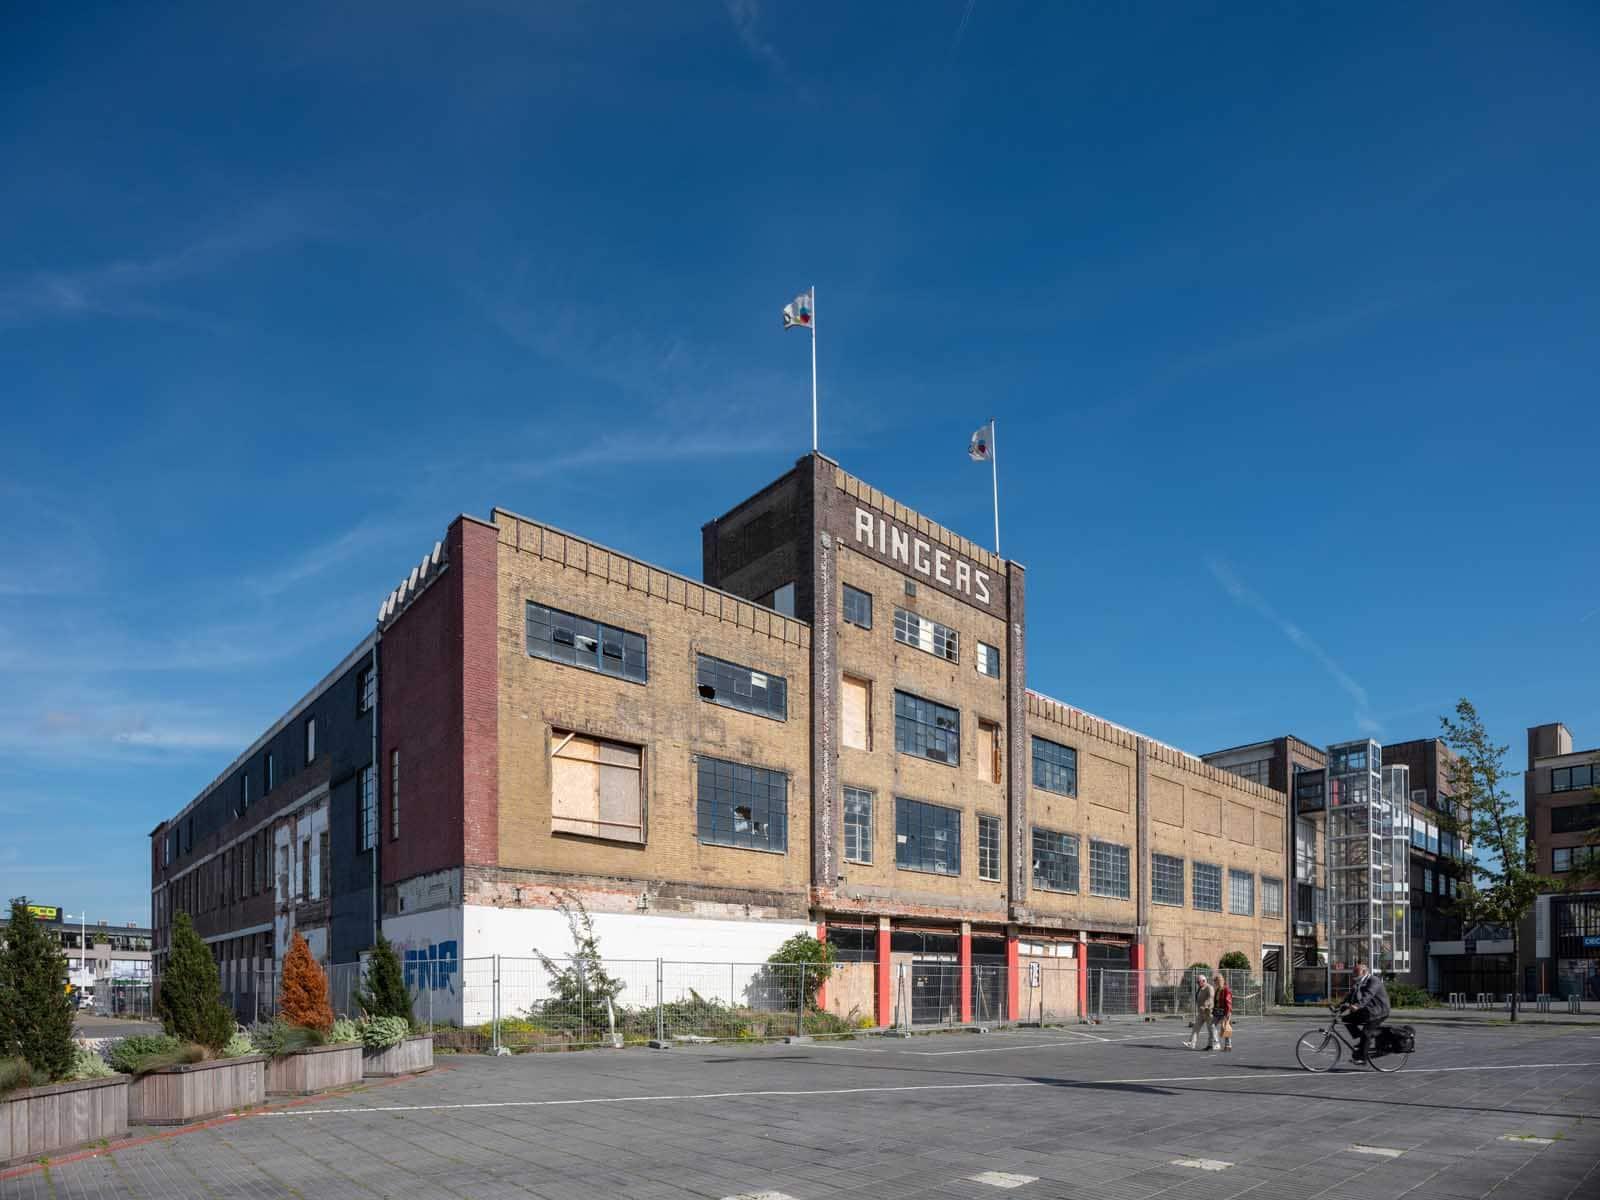 Ringersfabriek Alkmaar - Voorbeeldprojecten Steunpunt Monumenten & Archeologie